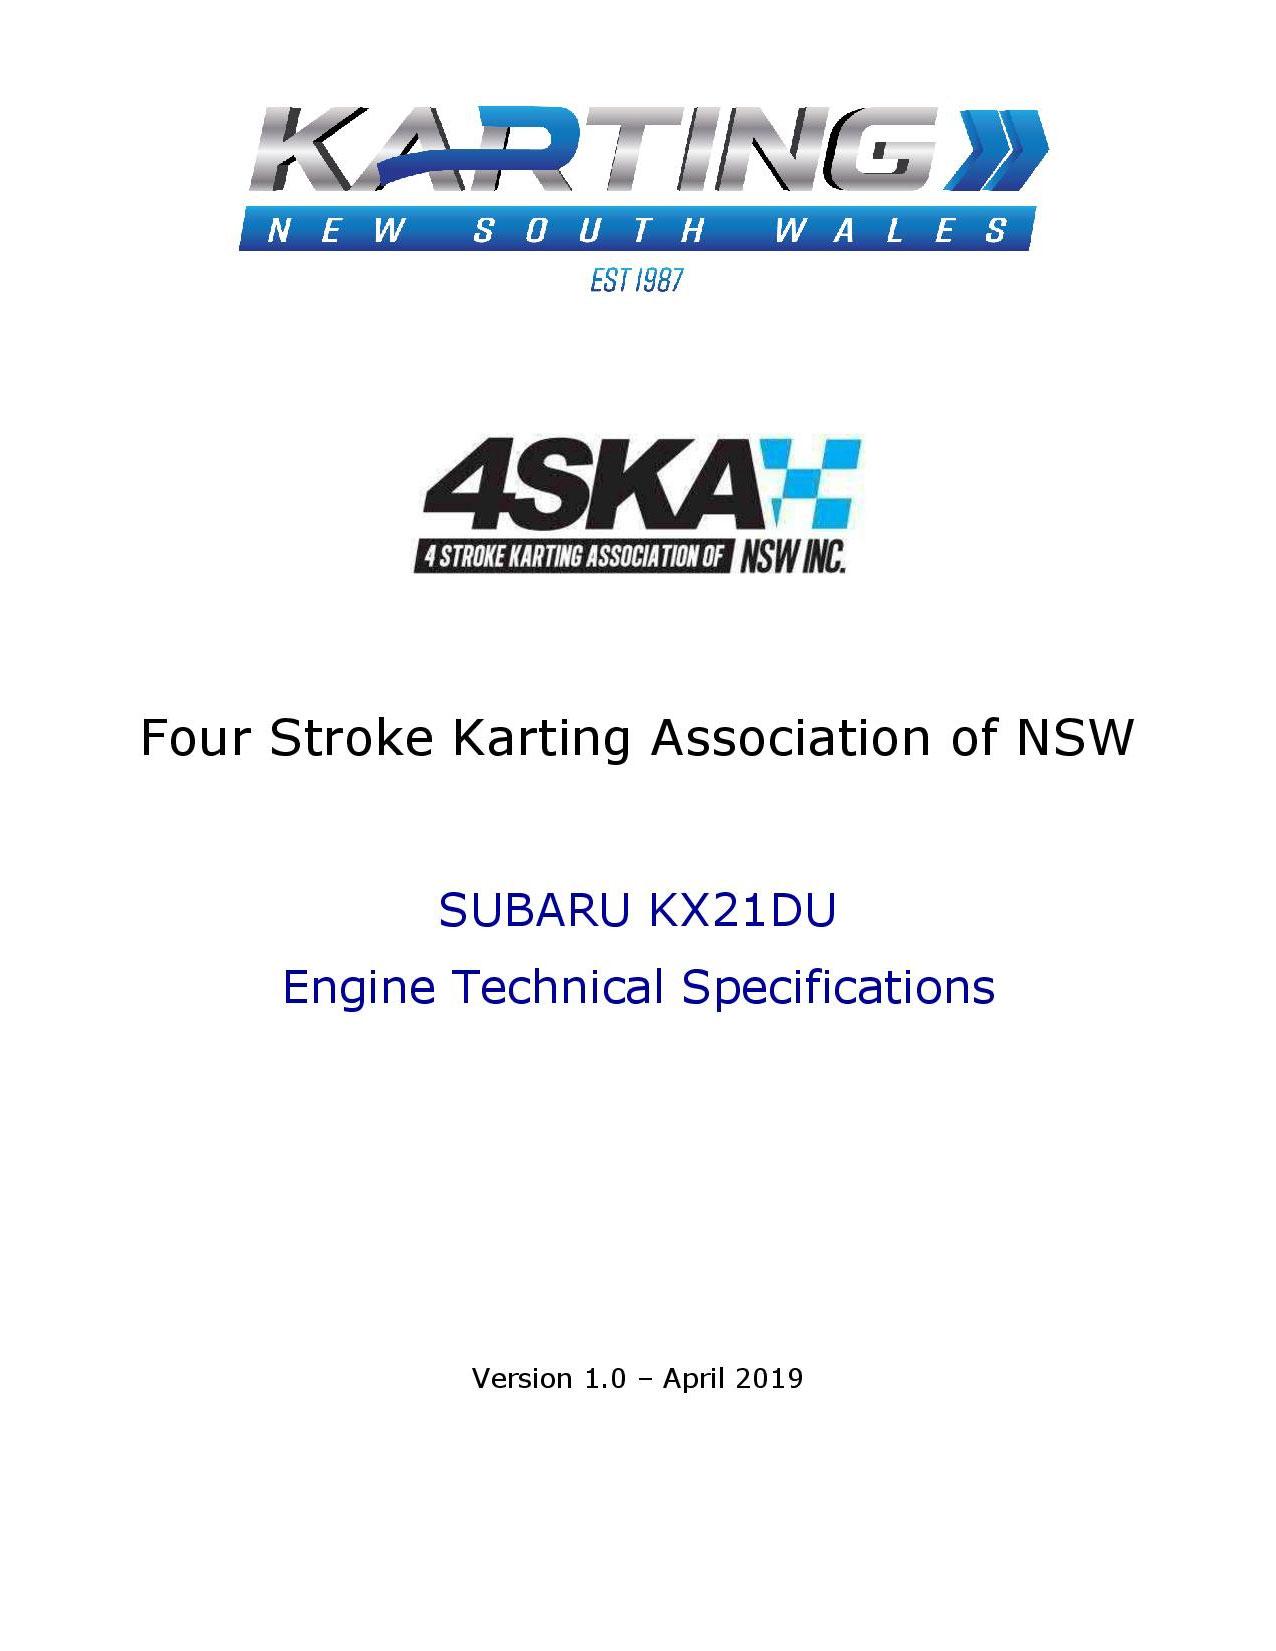 E44_Subaru KX21DU